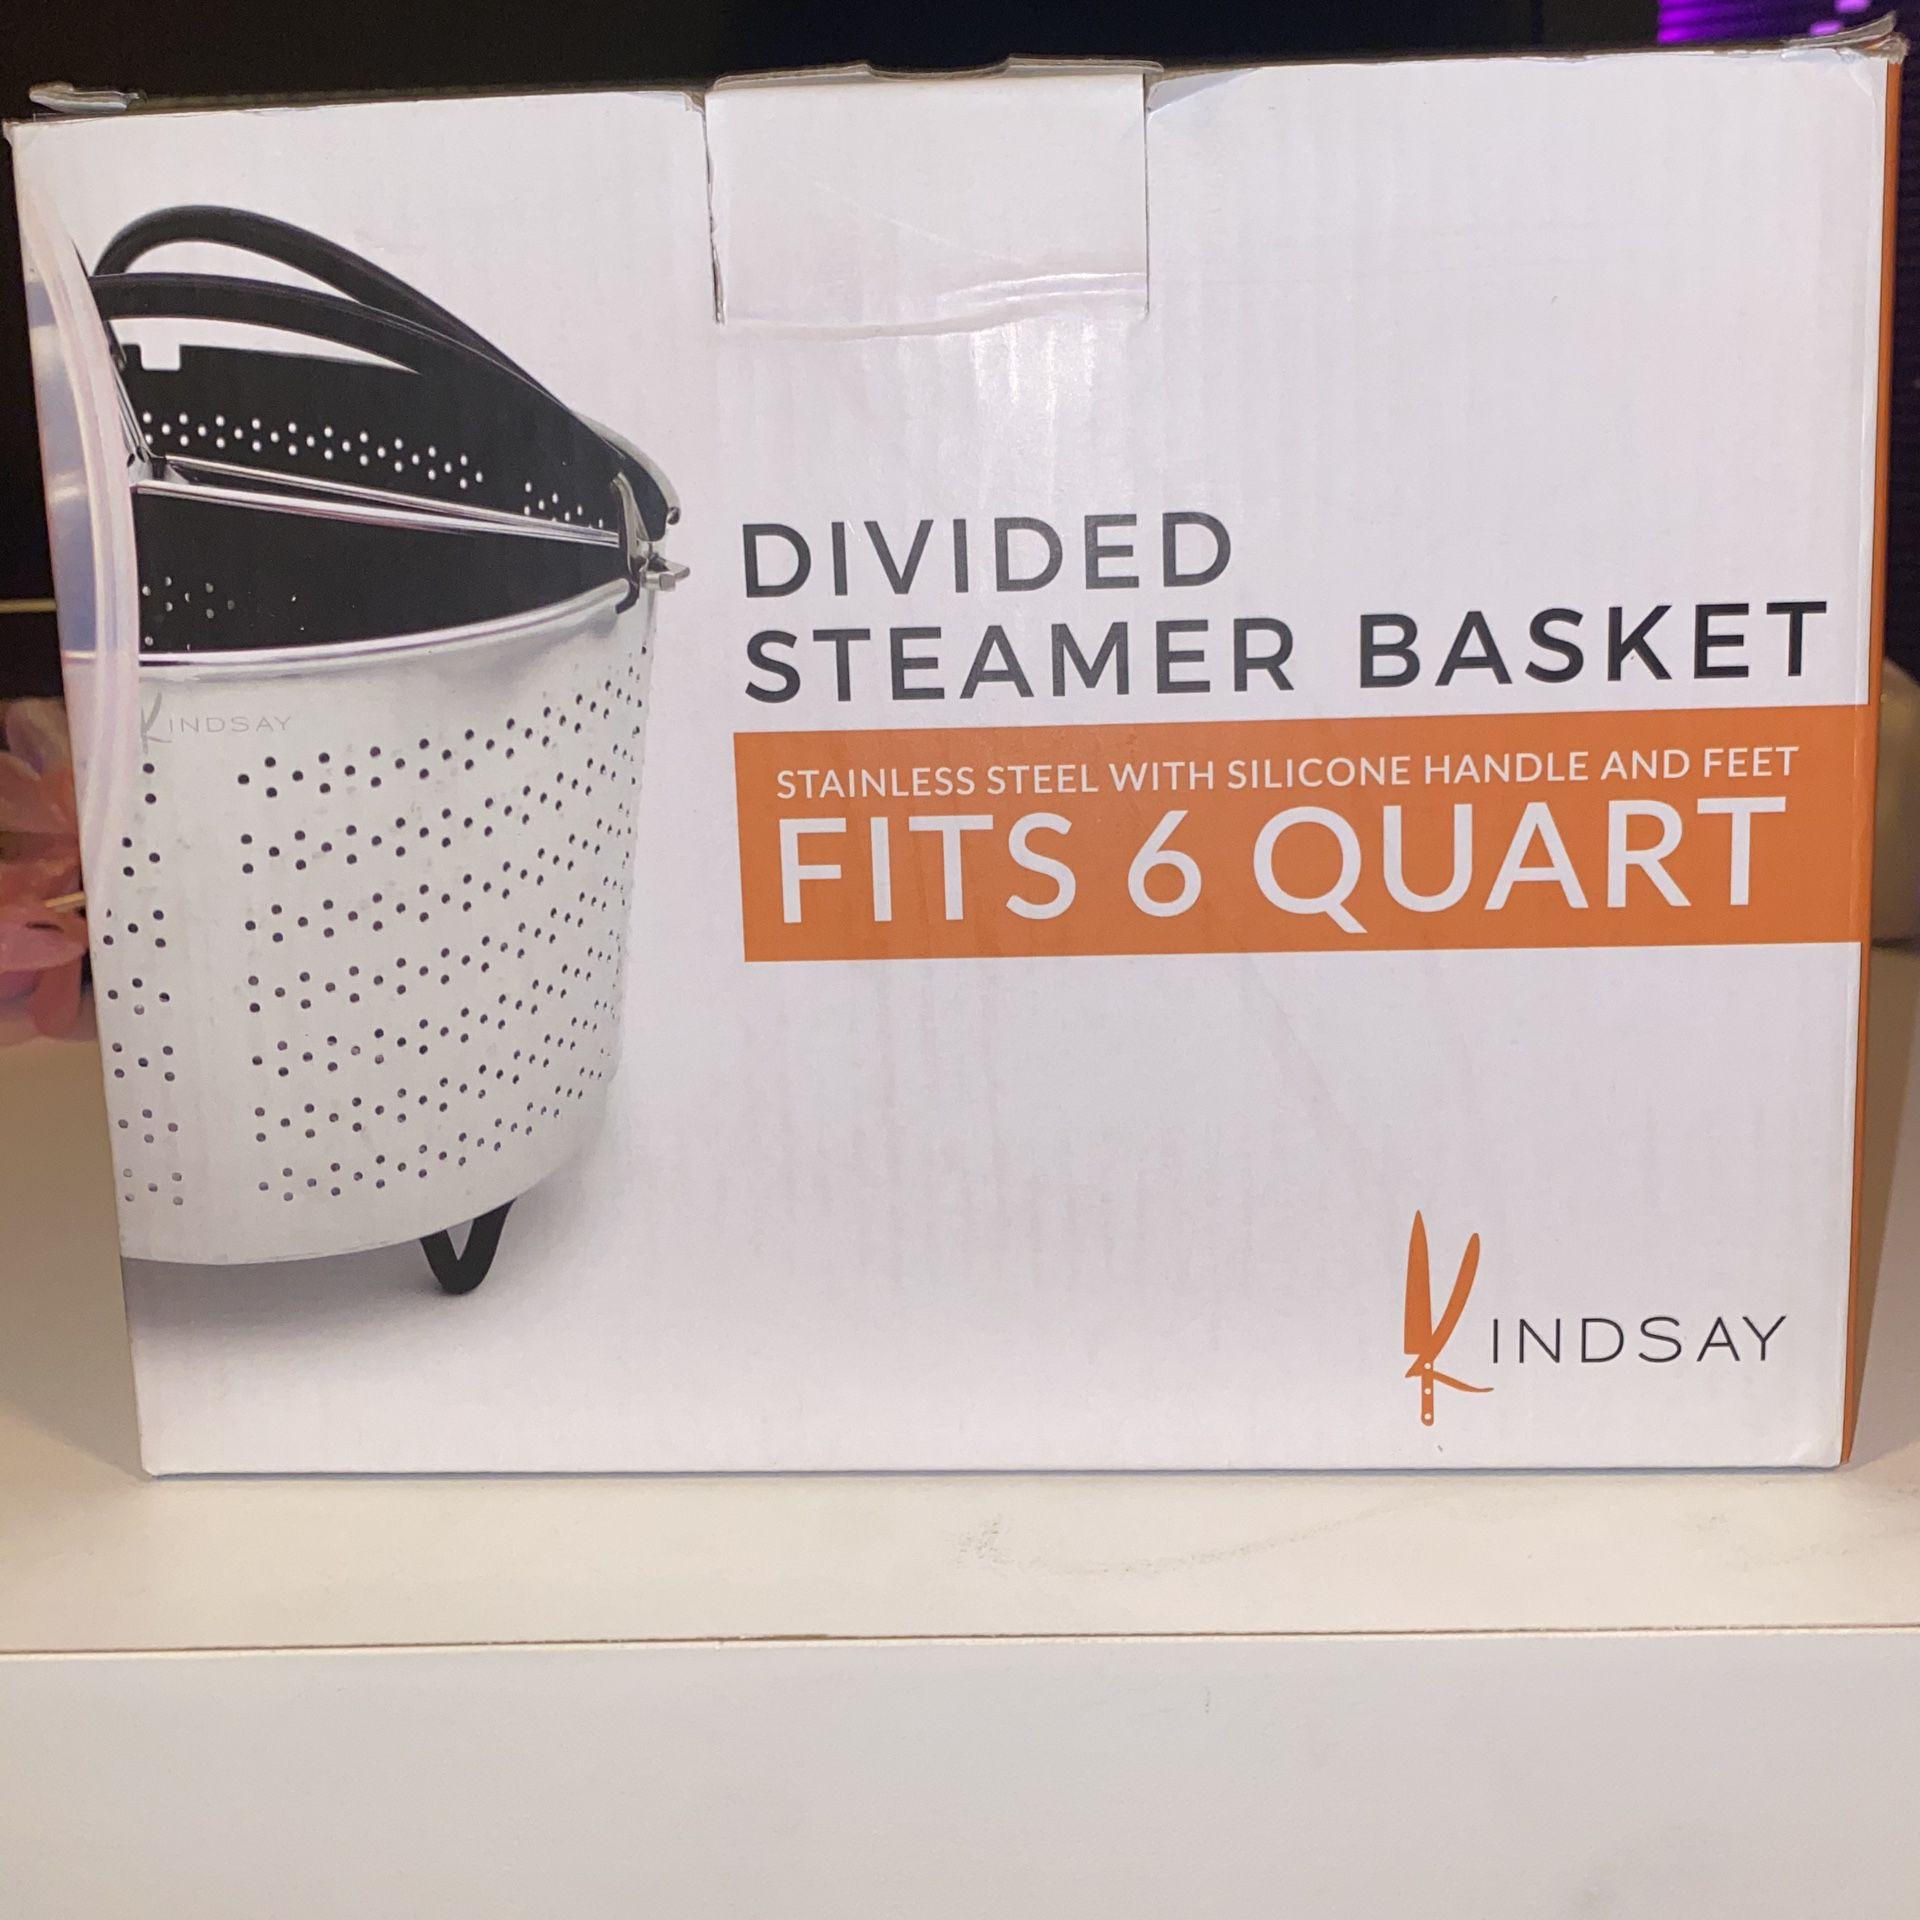 Kindsay Divided steamer basket